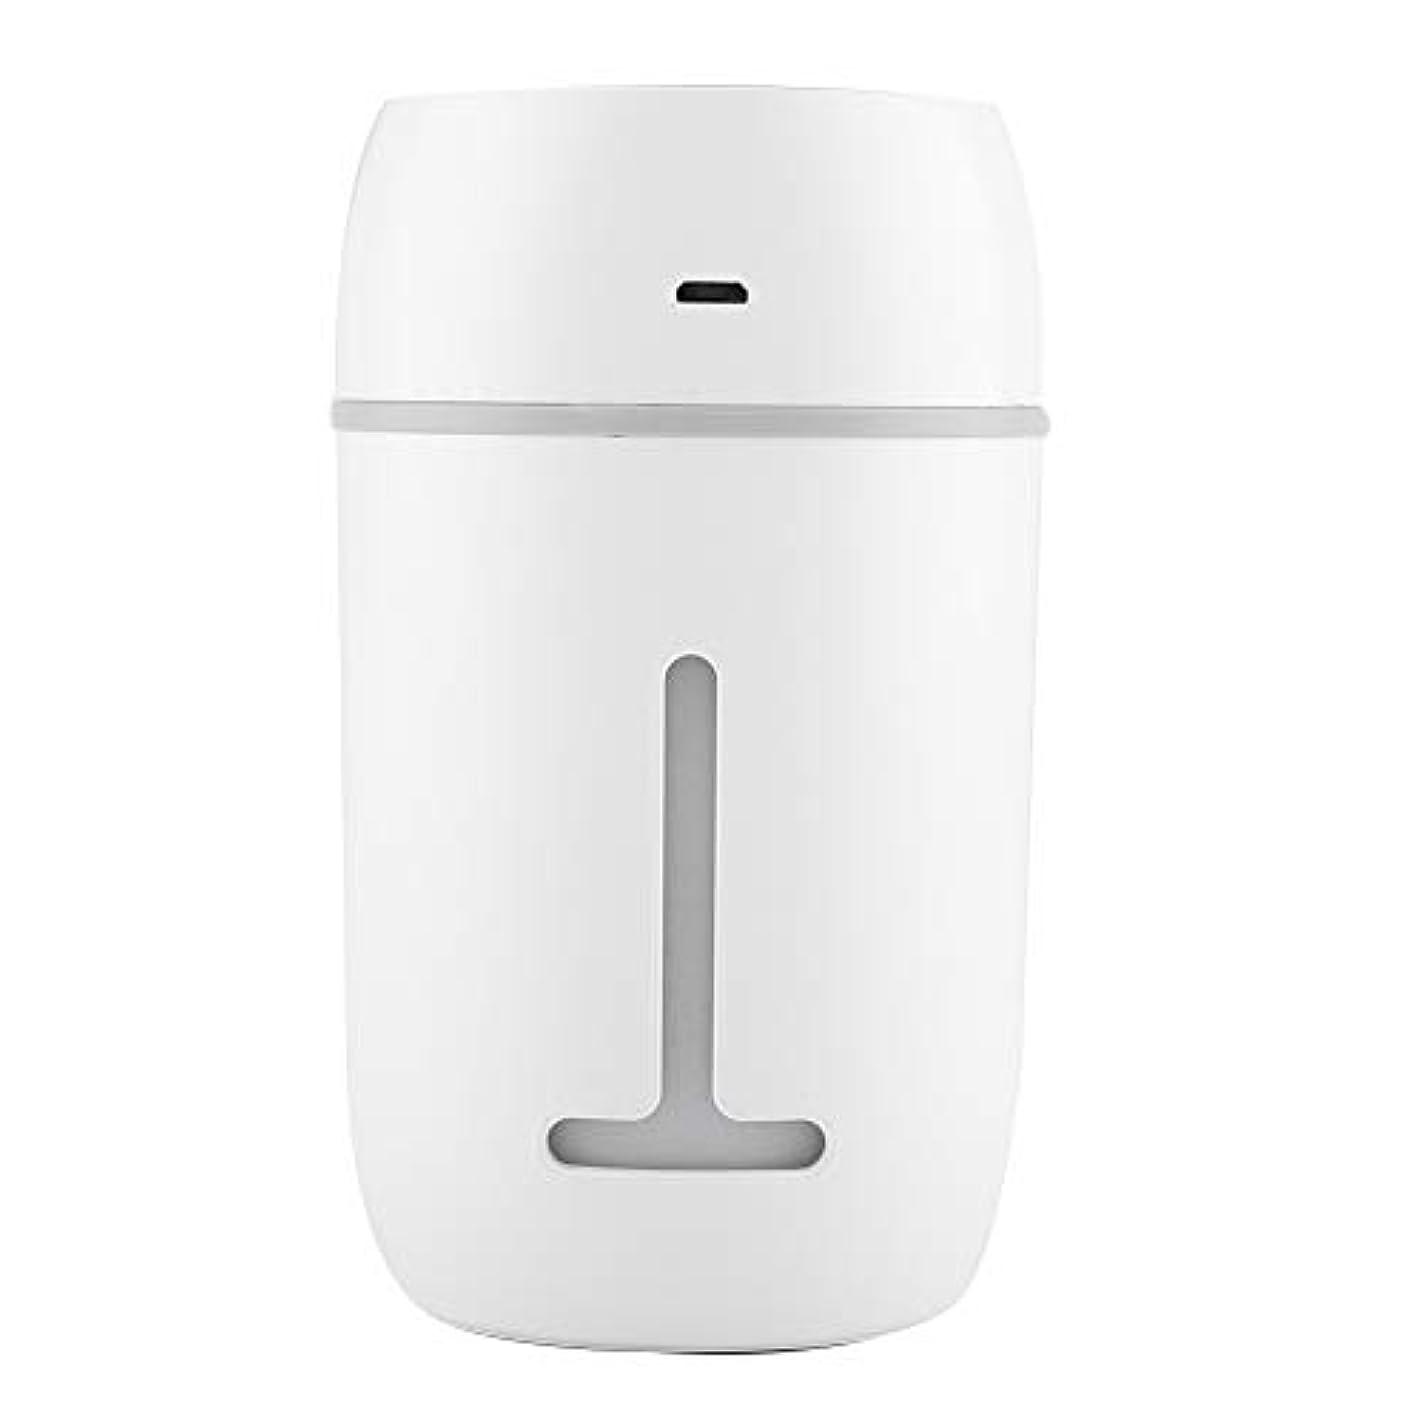 大胆アンカー専らミニUSB加湿器、超音波クールミスト加湿器充電式ポータブルカーオフィス加湿器ディフューザー7色LEDライト